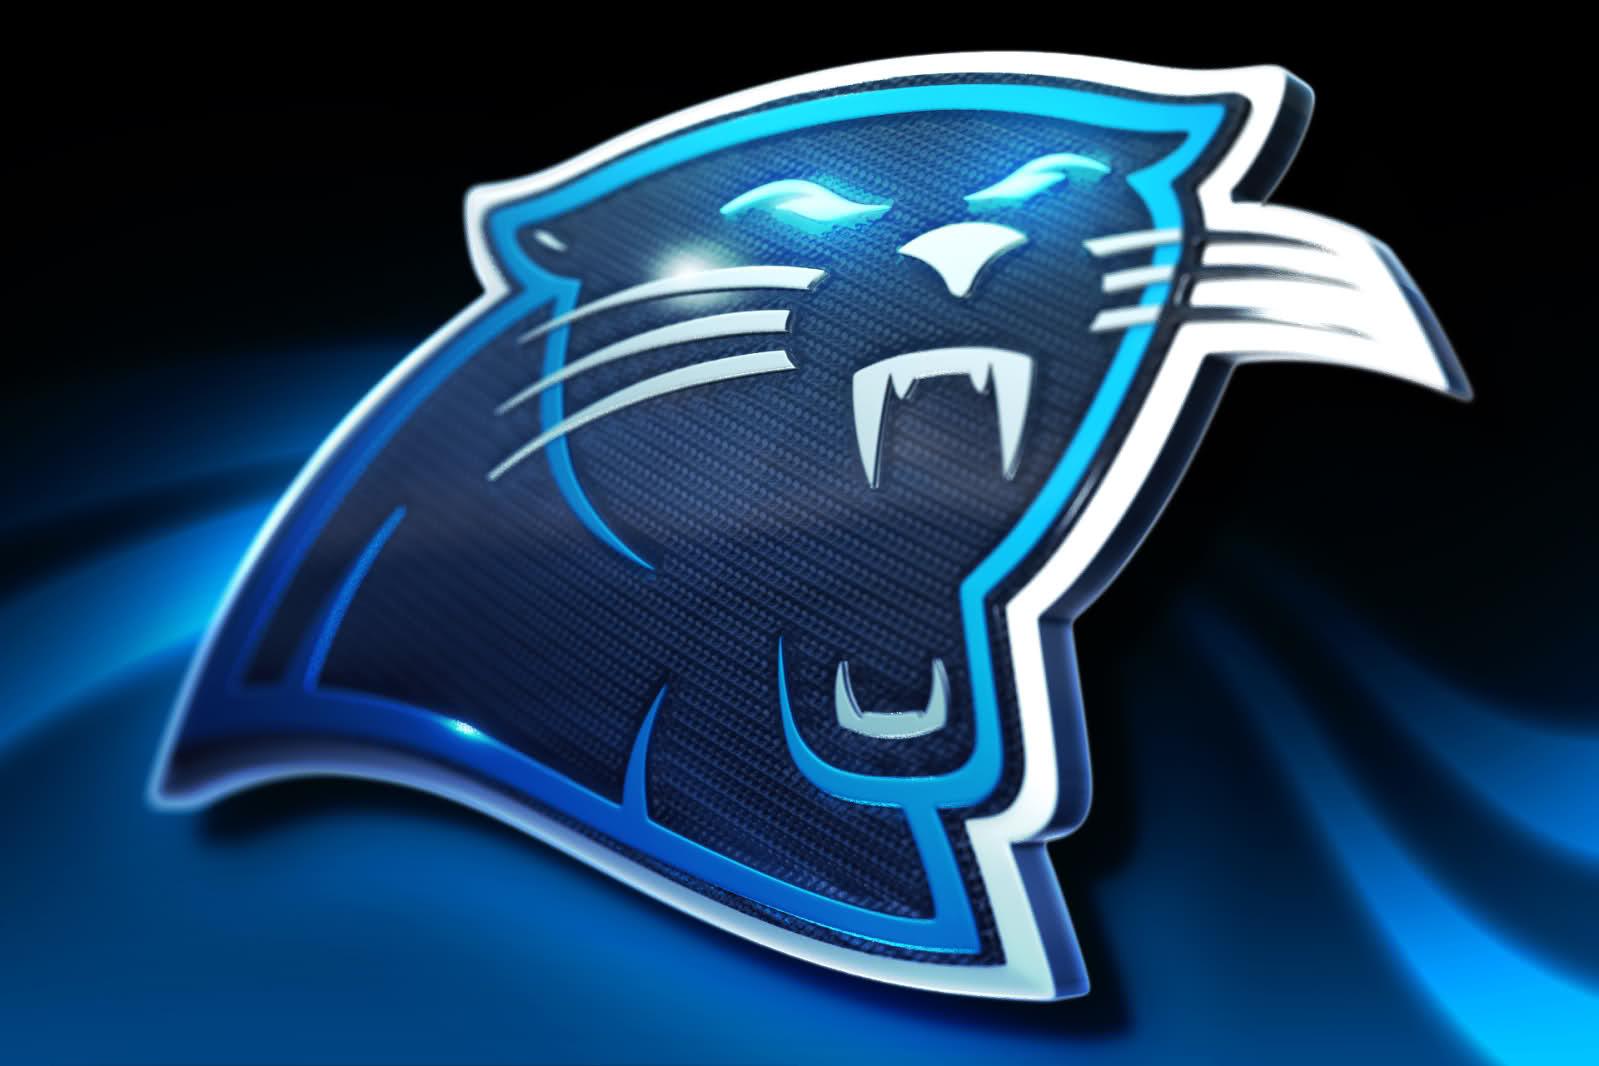 Carolina Panthers Wallpapers For Desktop